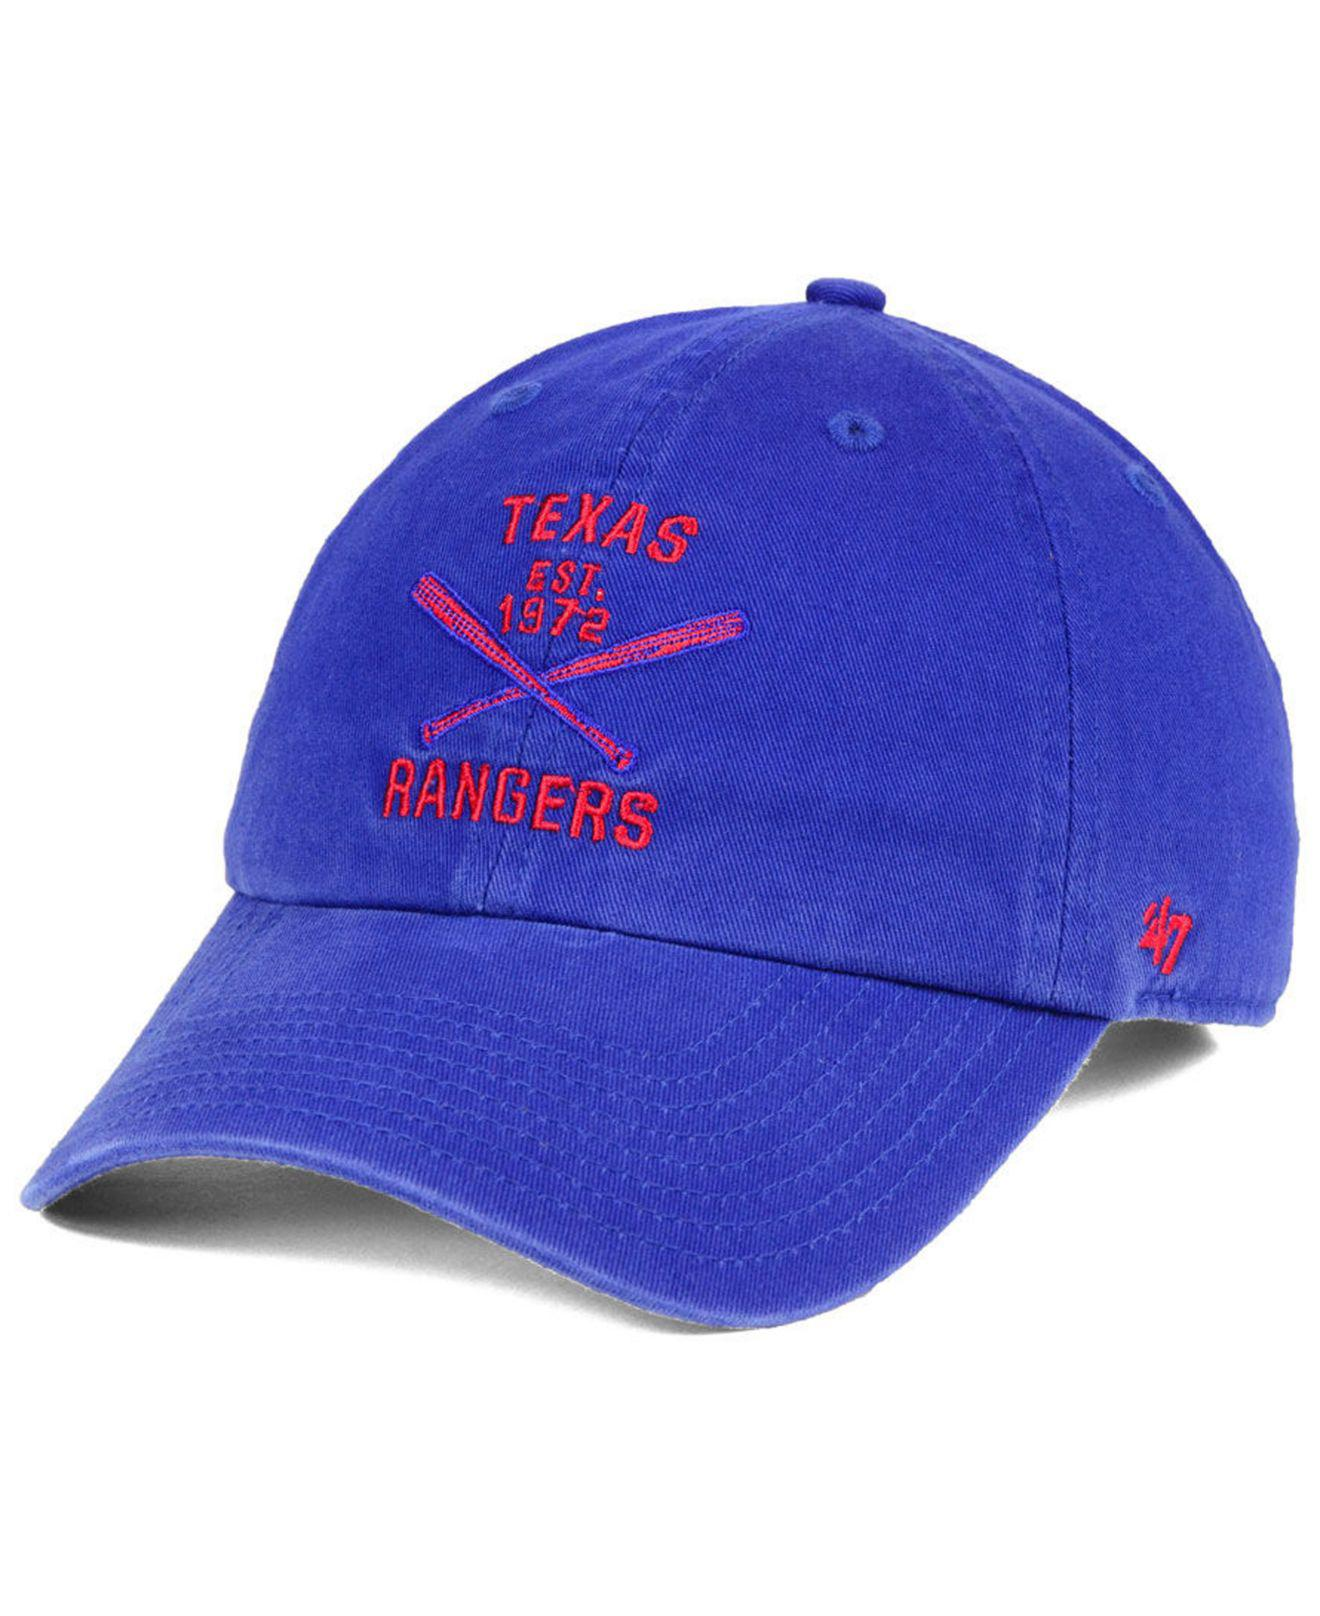 new style 870a5 f0dfb ... denmark 47 brand. mens blue texas rangers axis clean up cap 2129d 31dea